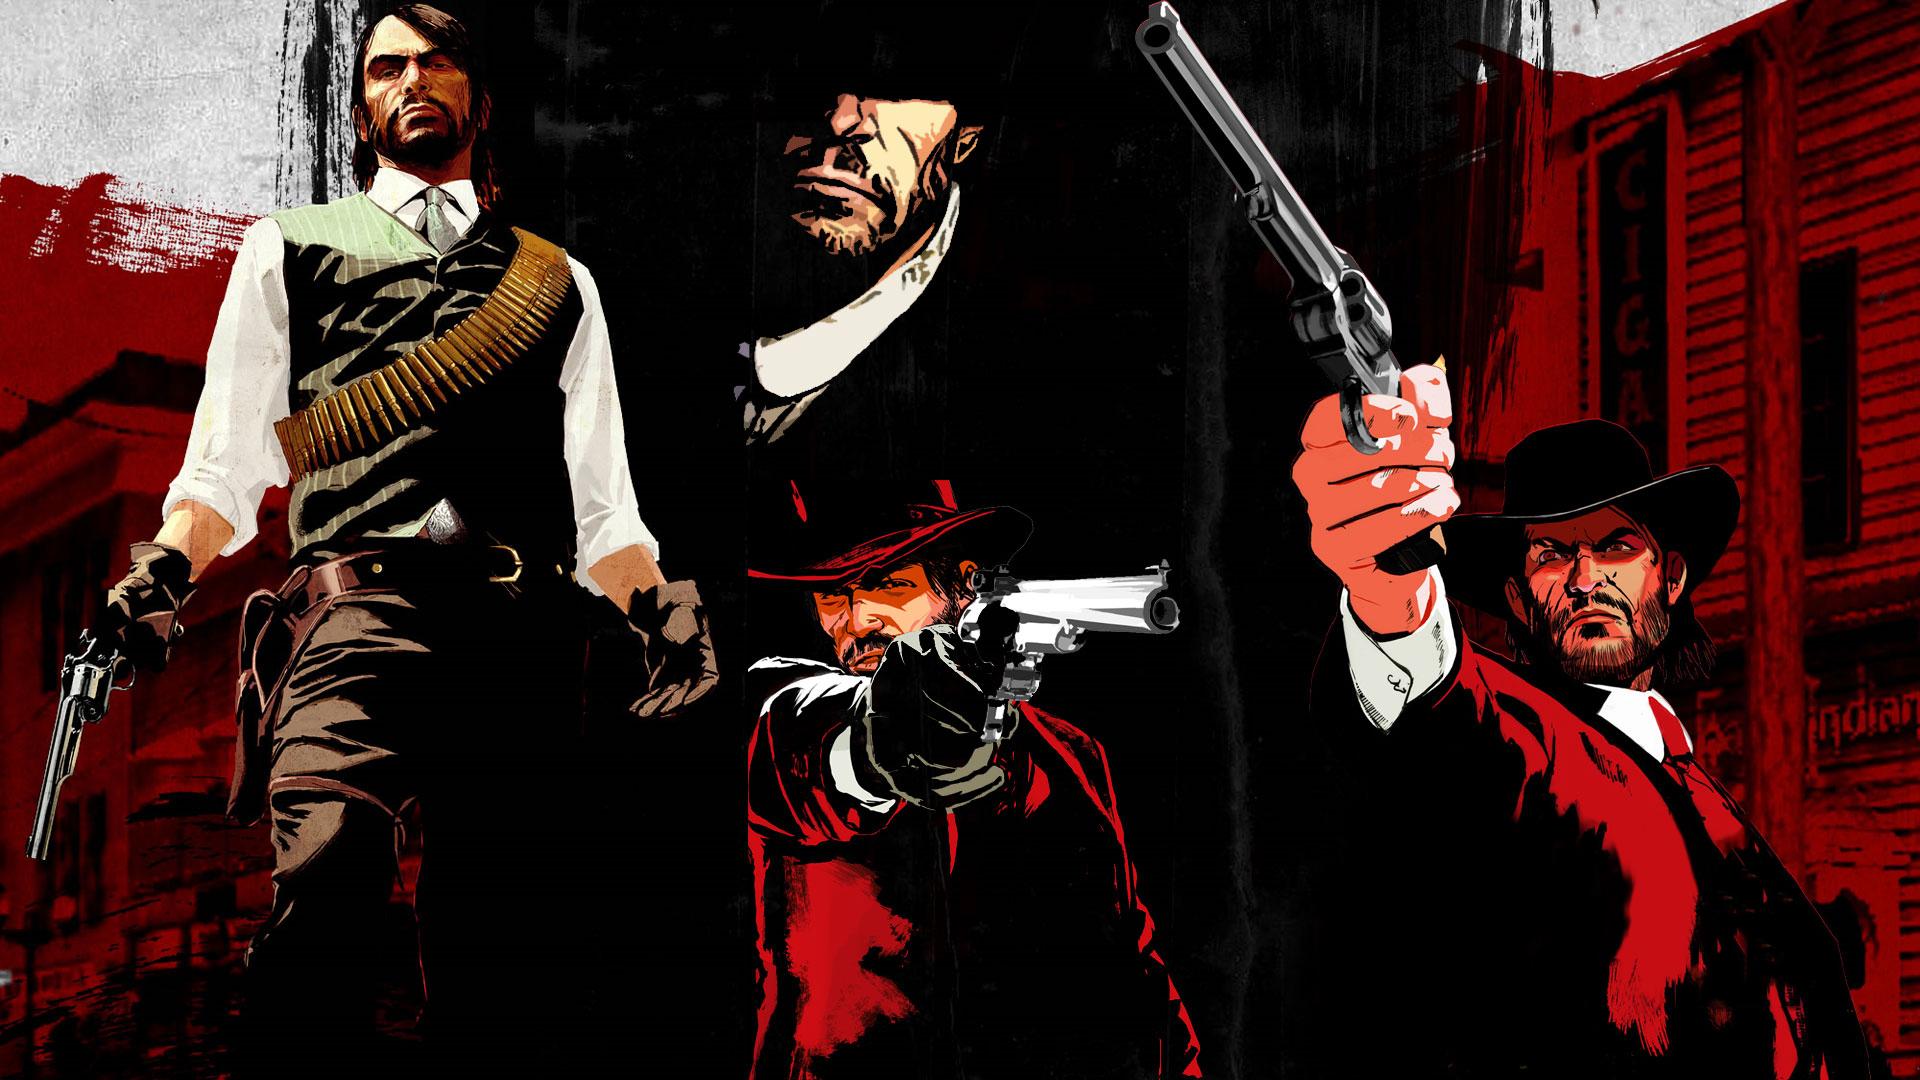 RDR John Marston With Double Barreled Shotgun Wallpaper For PSP